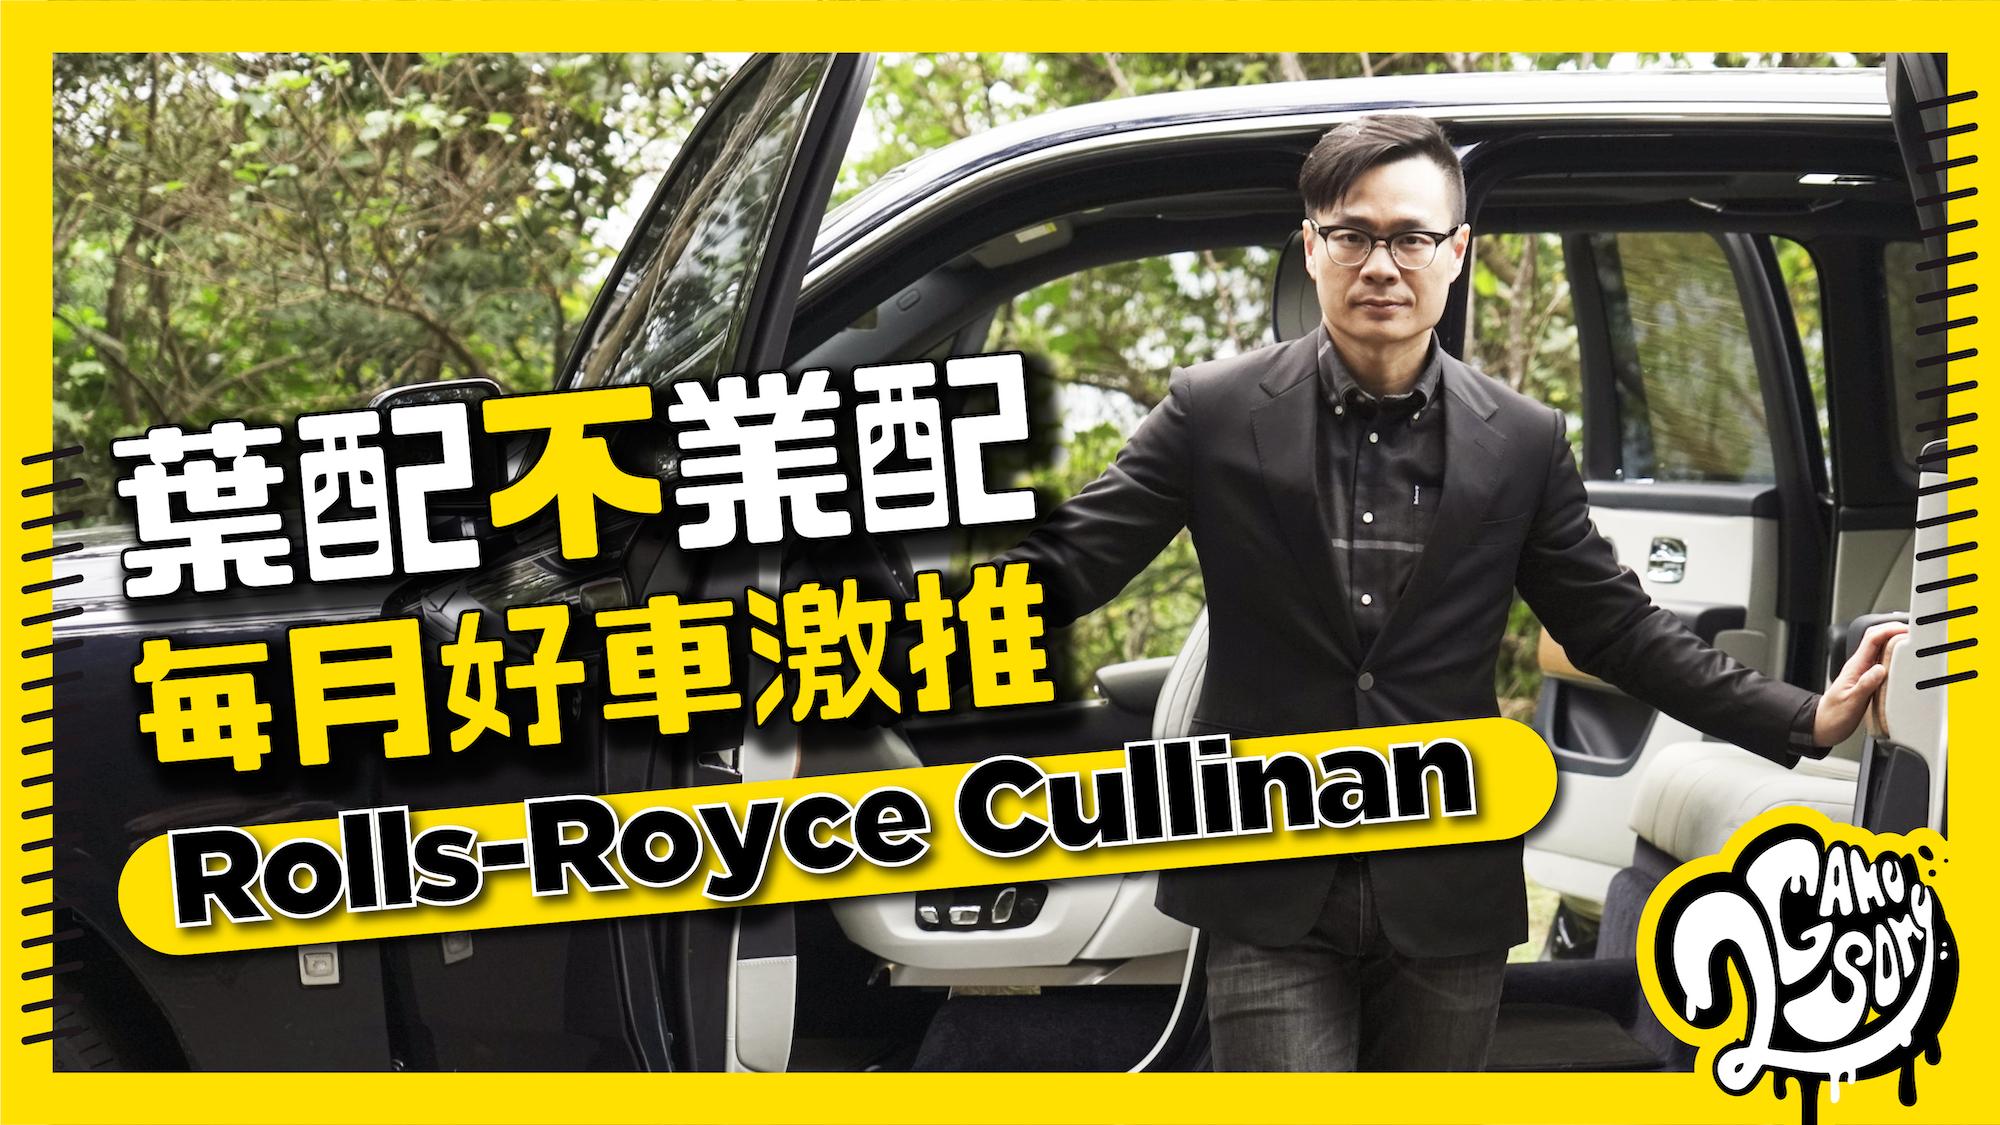 【葉配不業配,本月最激推】Rolls-Royce Cullinan 來囉!